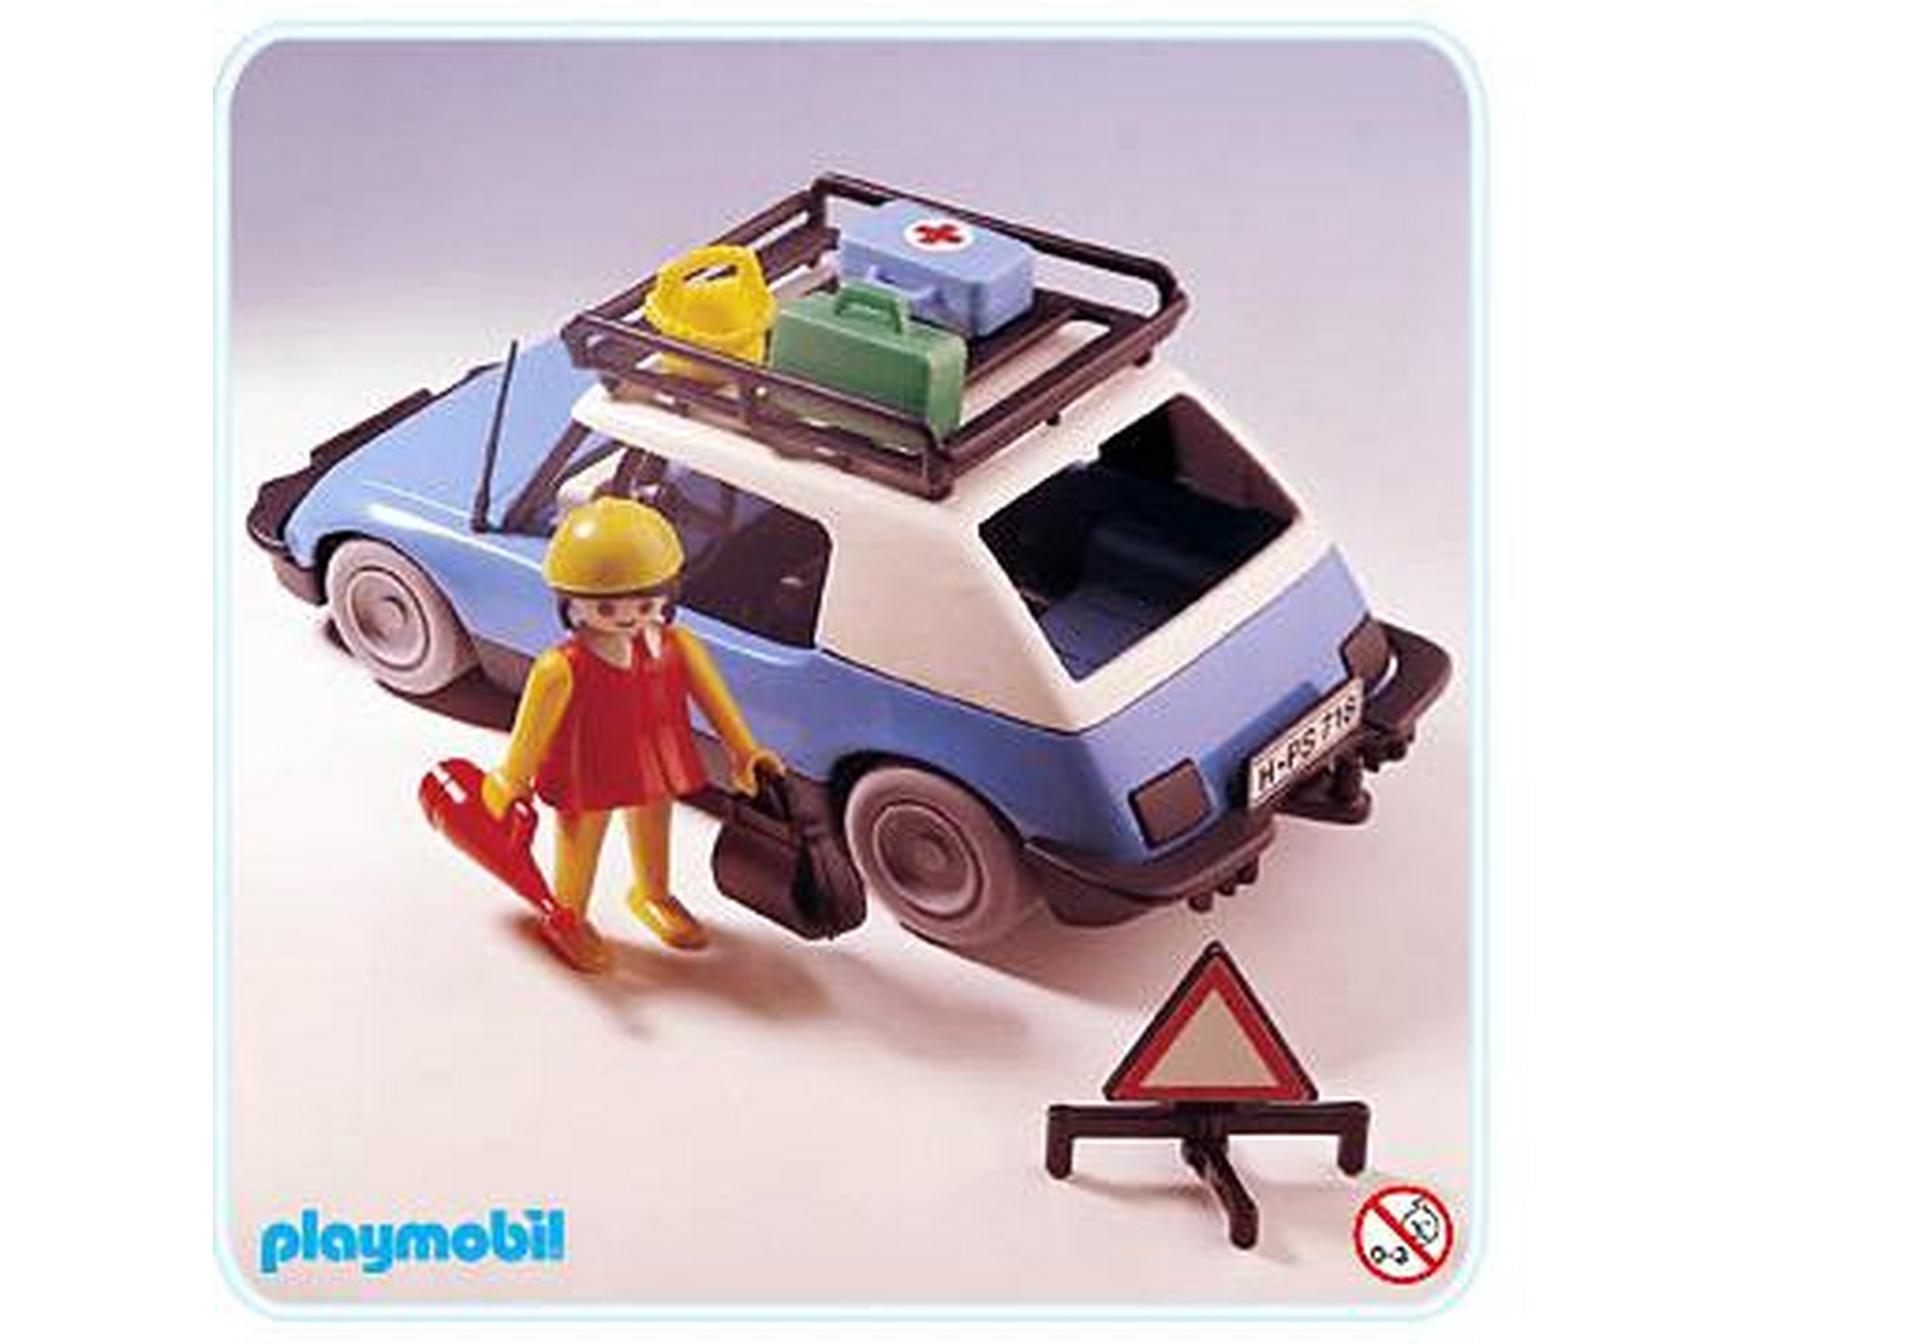 Pkw reise 3210 b playmobil deutschland for Jugendzimmer playmobil